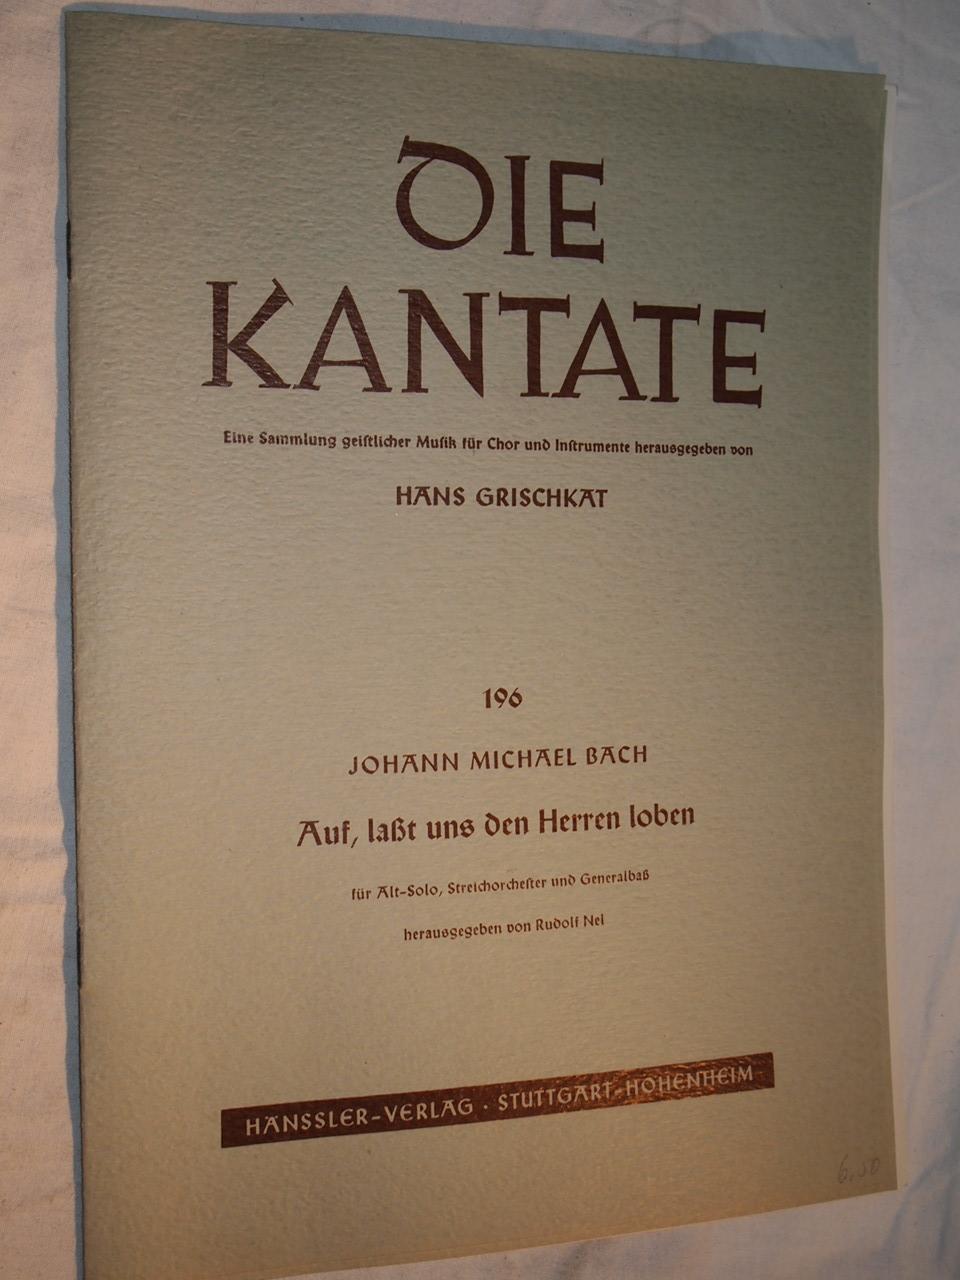 Die Kantate eine Sammlung geistlicher Musik für Chor und Instrumente Herausgegeben von Hans Grischkat 196. - Johann Michael Bach